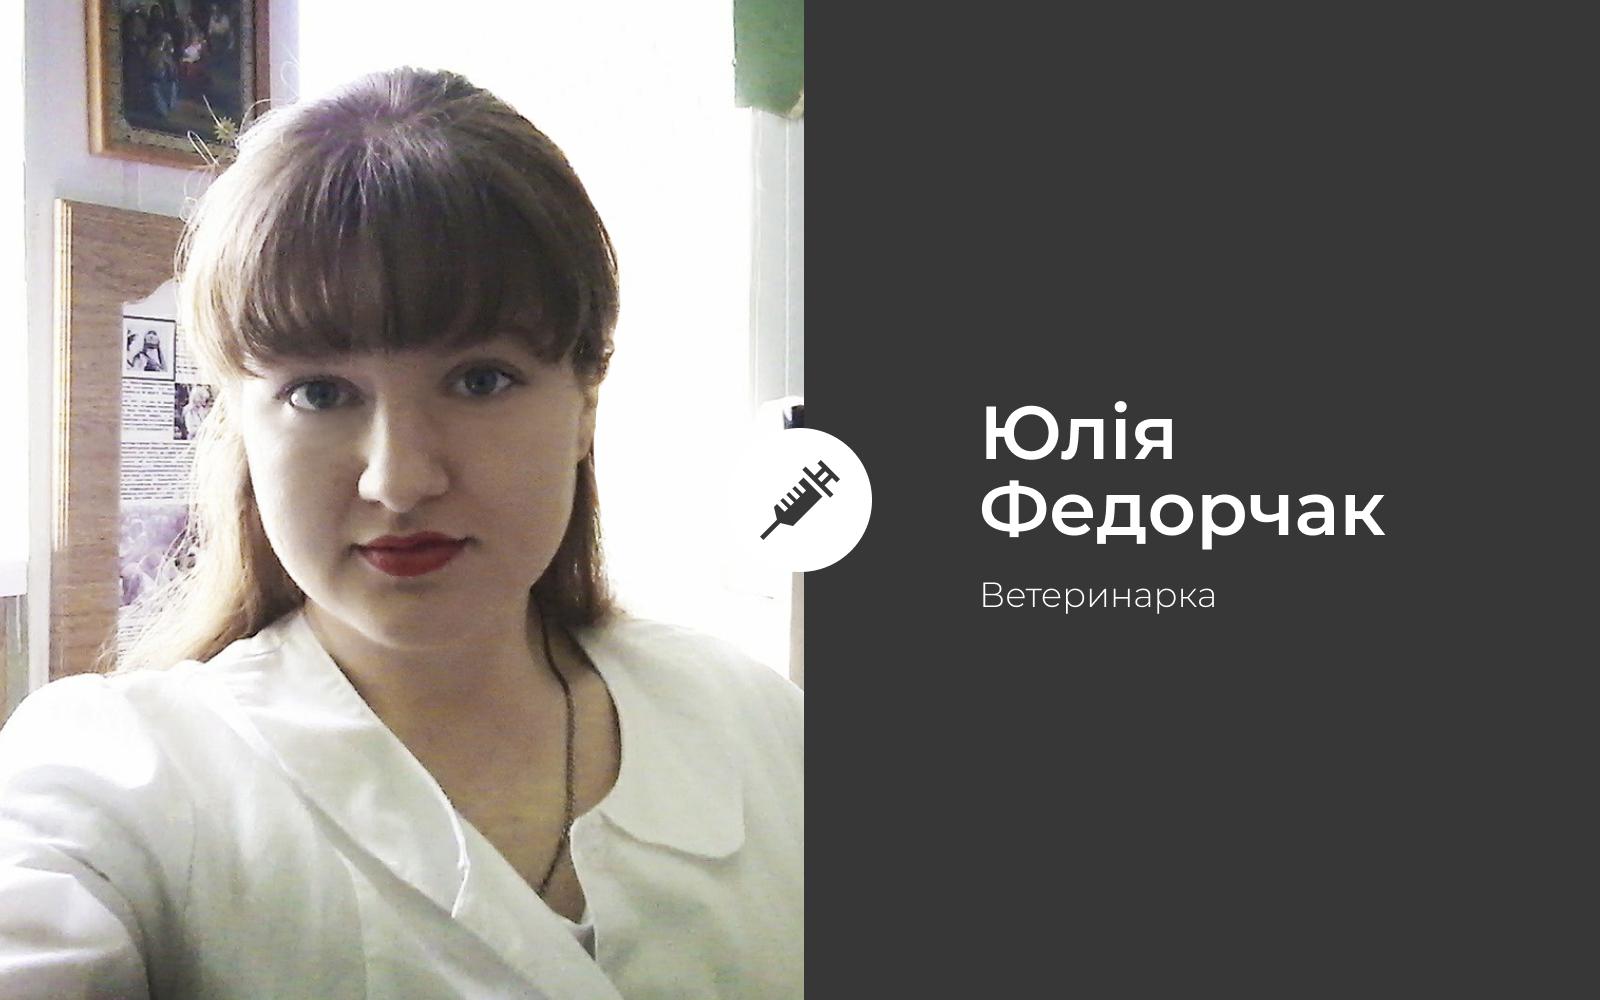 Yuliya Fedorchak 3 (2)